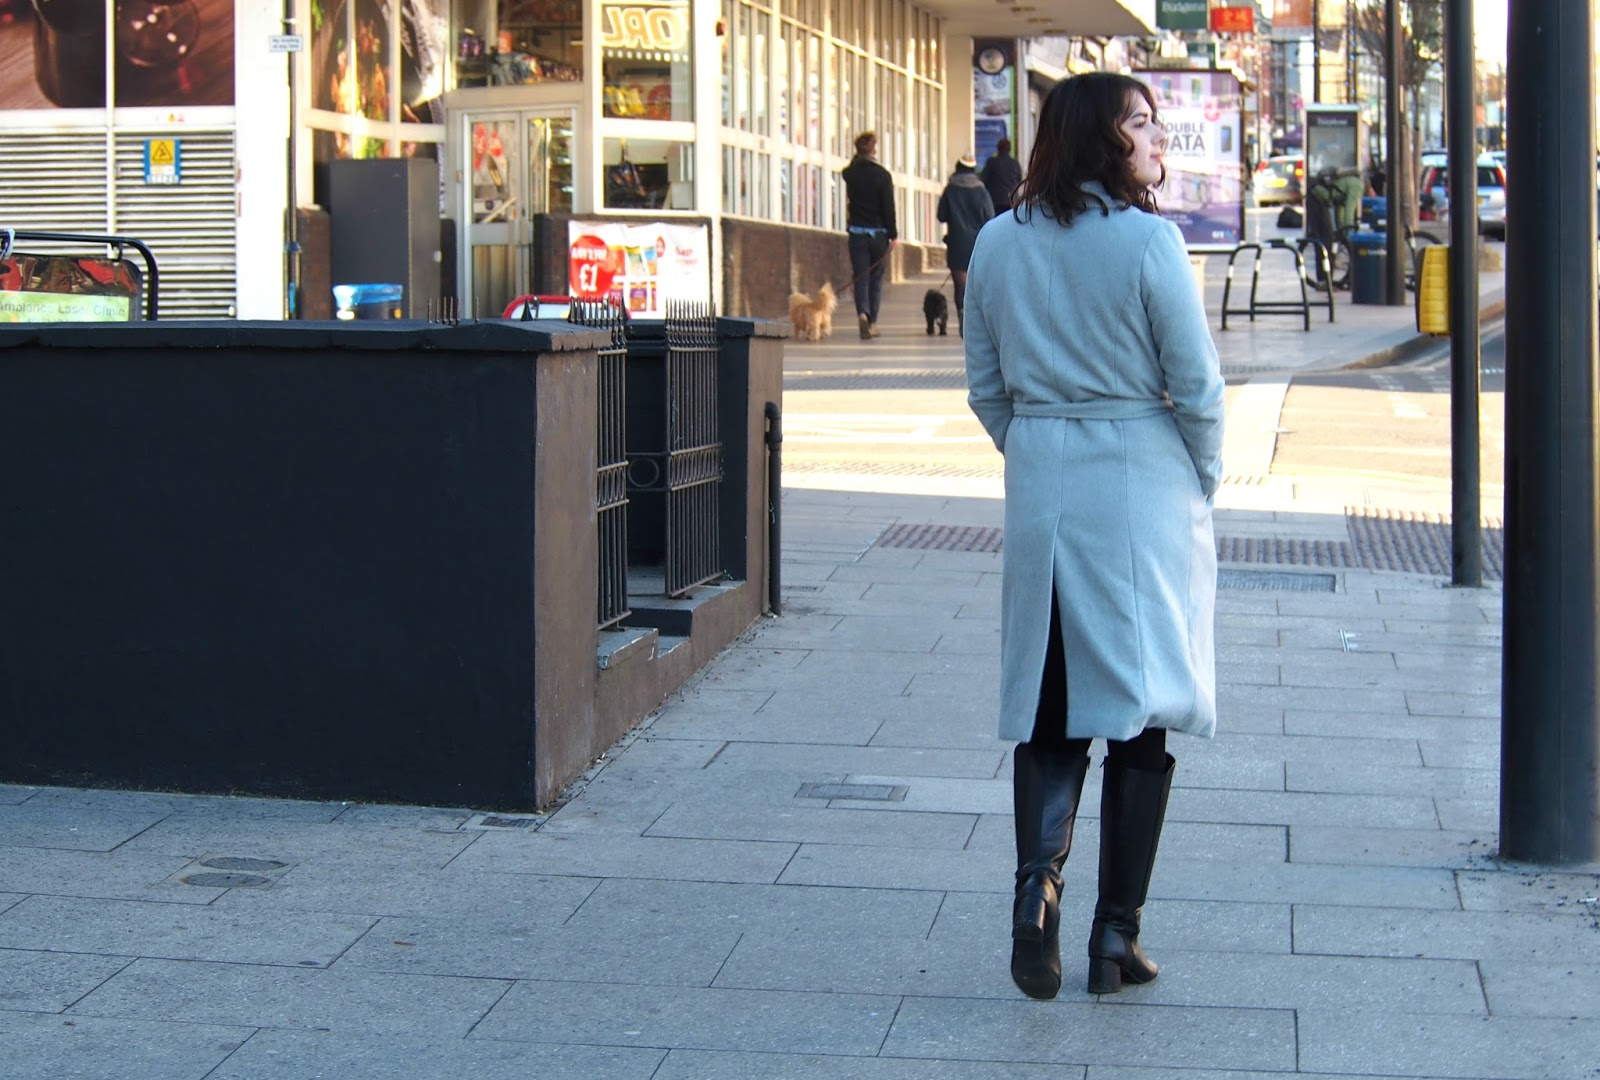 Woman walking in street